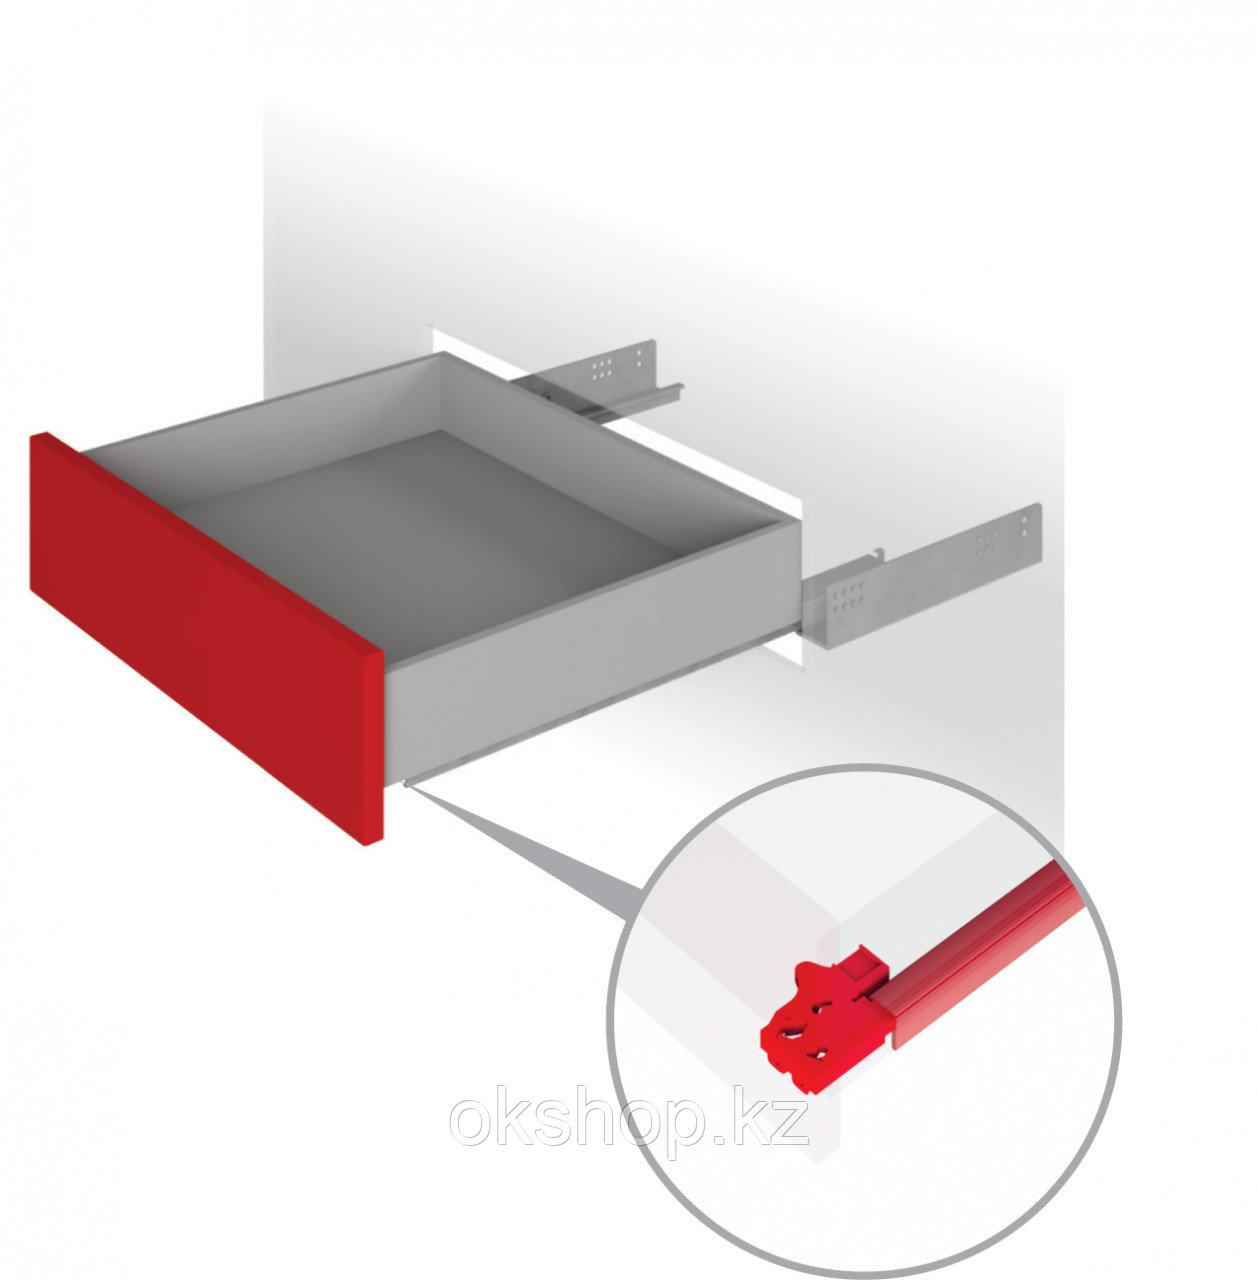 Направляющие механизмы скрытого монтажа push-to-open DB4465Zn/450